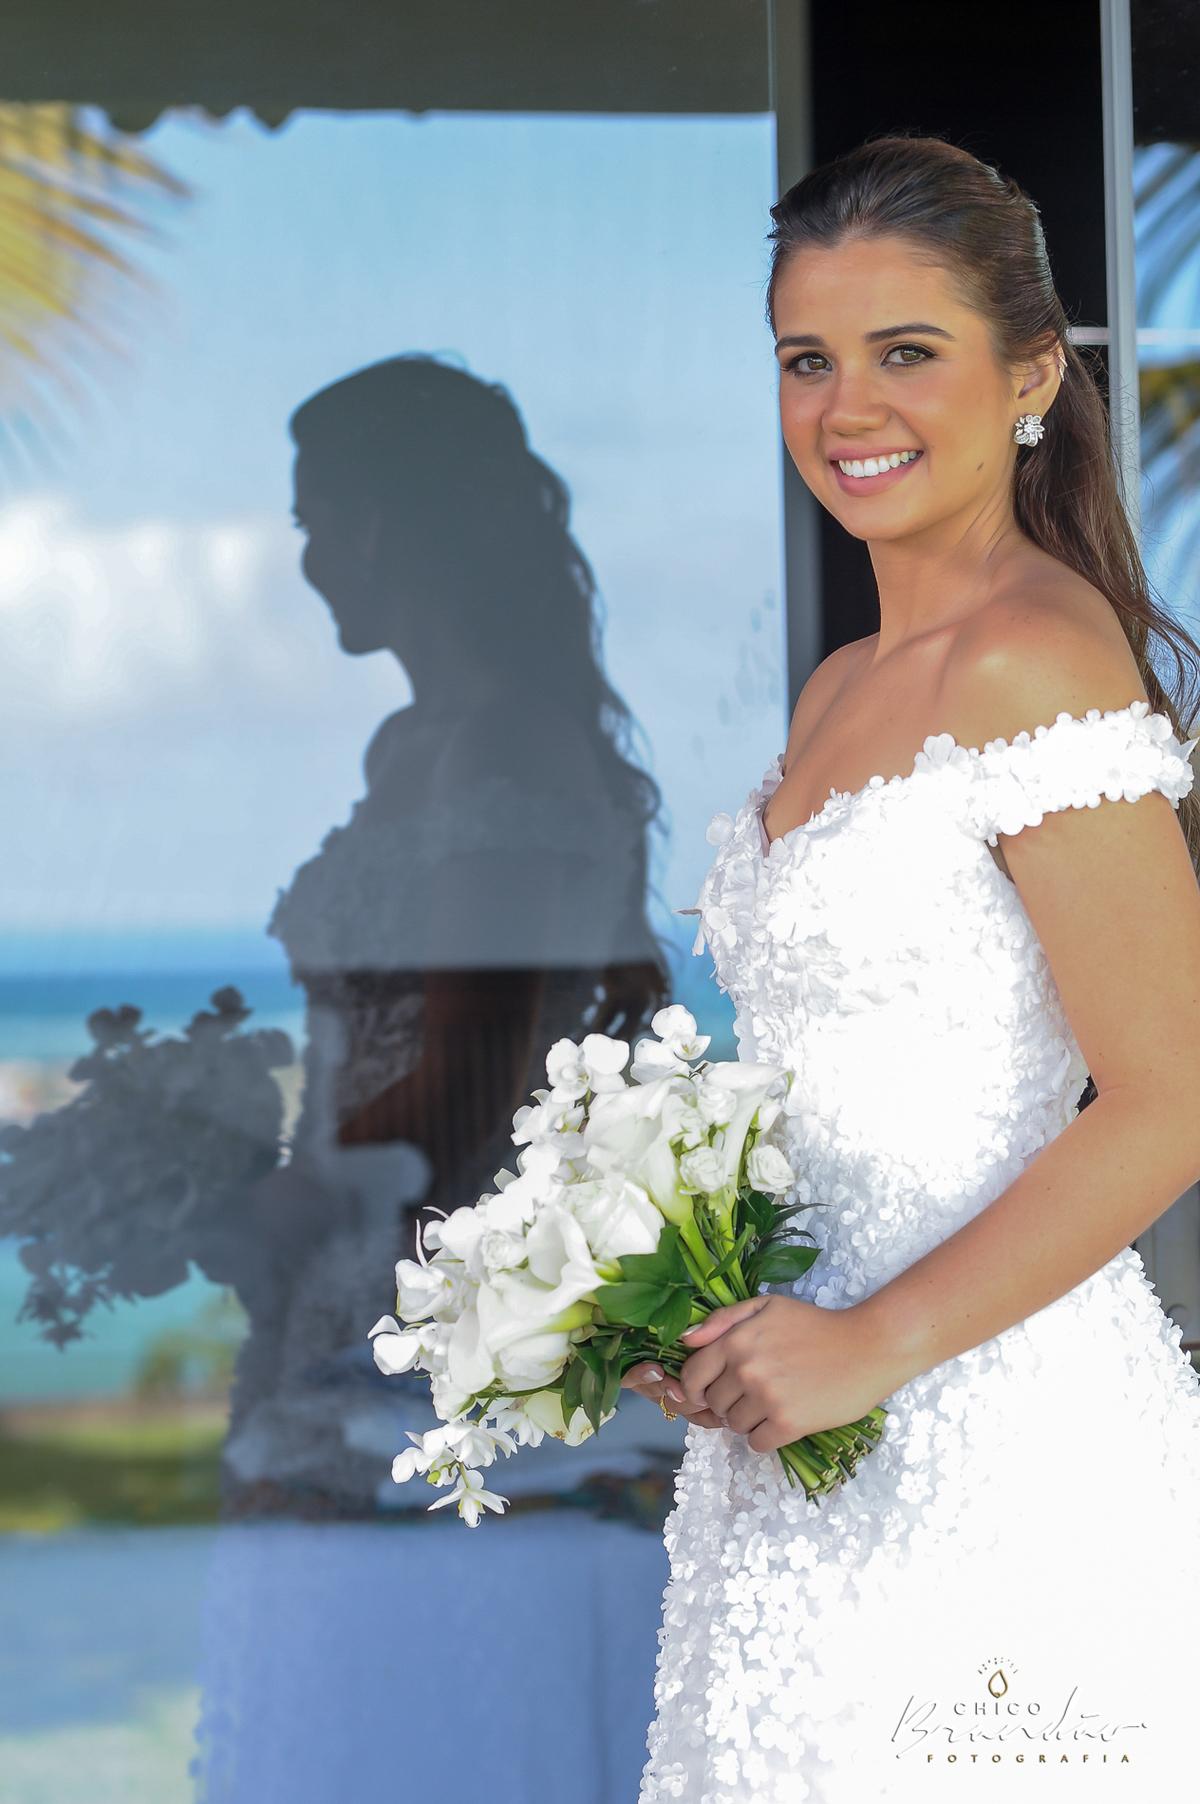 maceio-fotografo-chico-brandao-casamento-noiva-branco-alagoas-maceio-alagoas-minas-trend-11